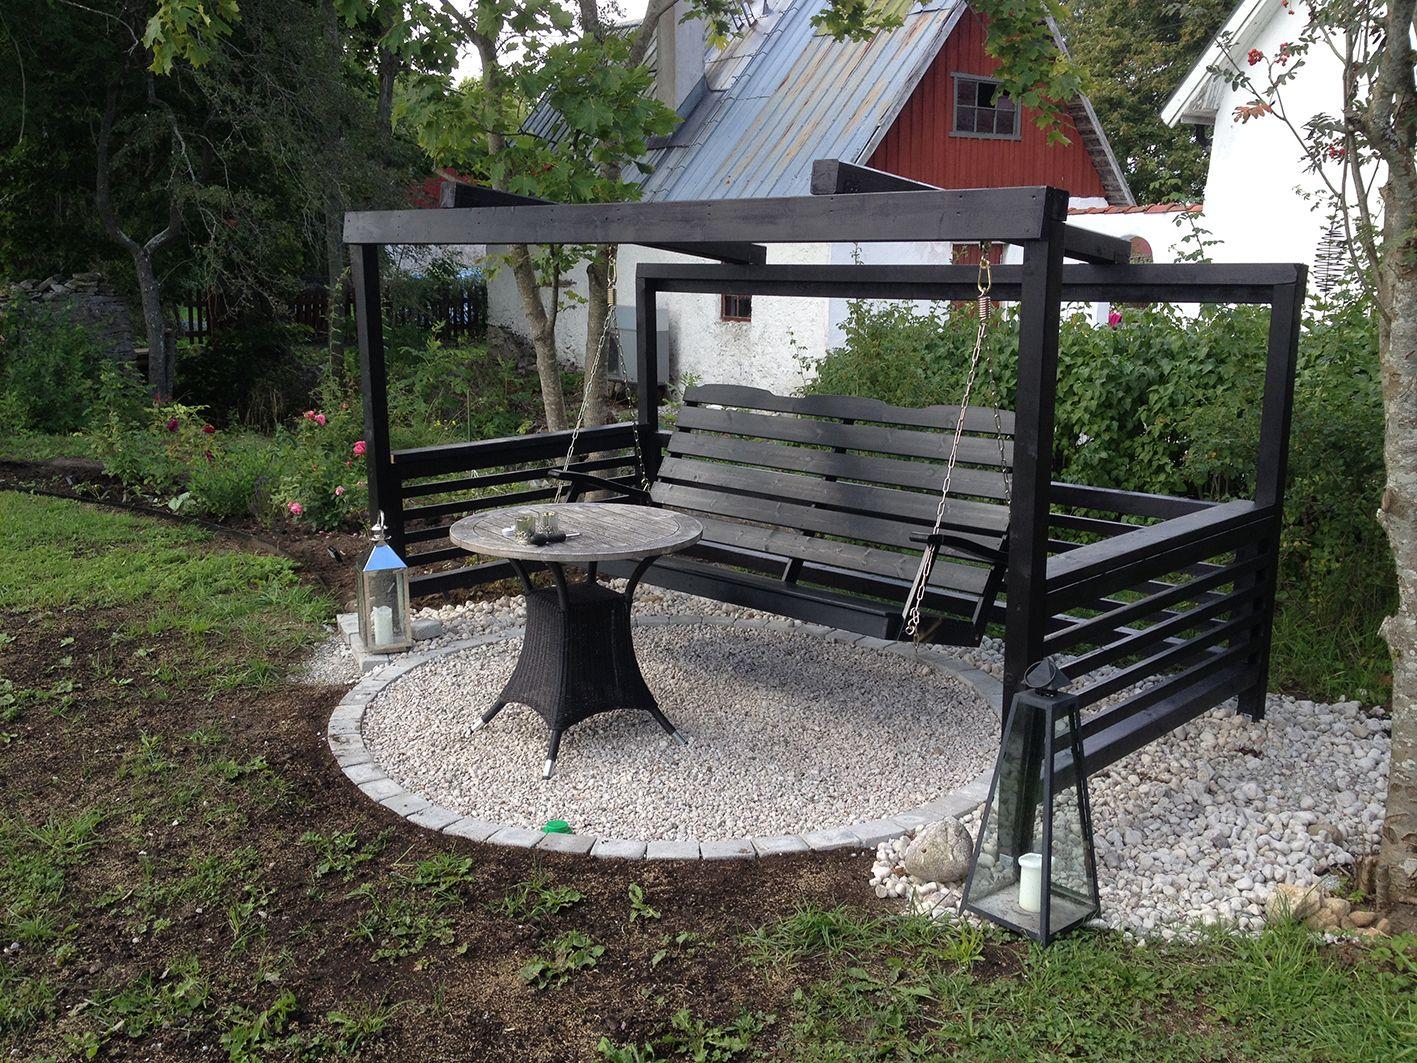 Trädgård plank trädgård : mur trädgÃ¥rd - Sök pÃ¥ Google | TrädgÃ¥rd | Pinterest | Searching